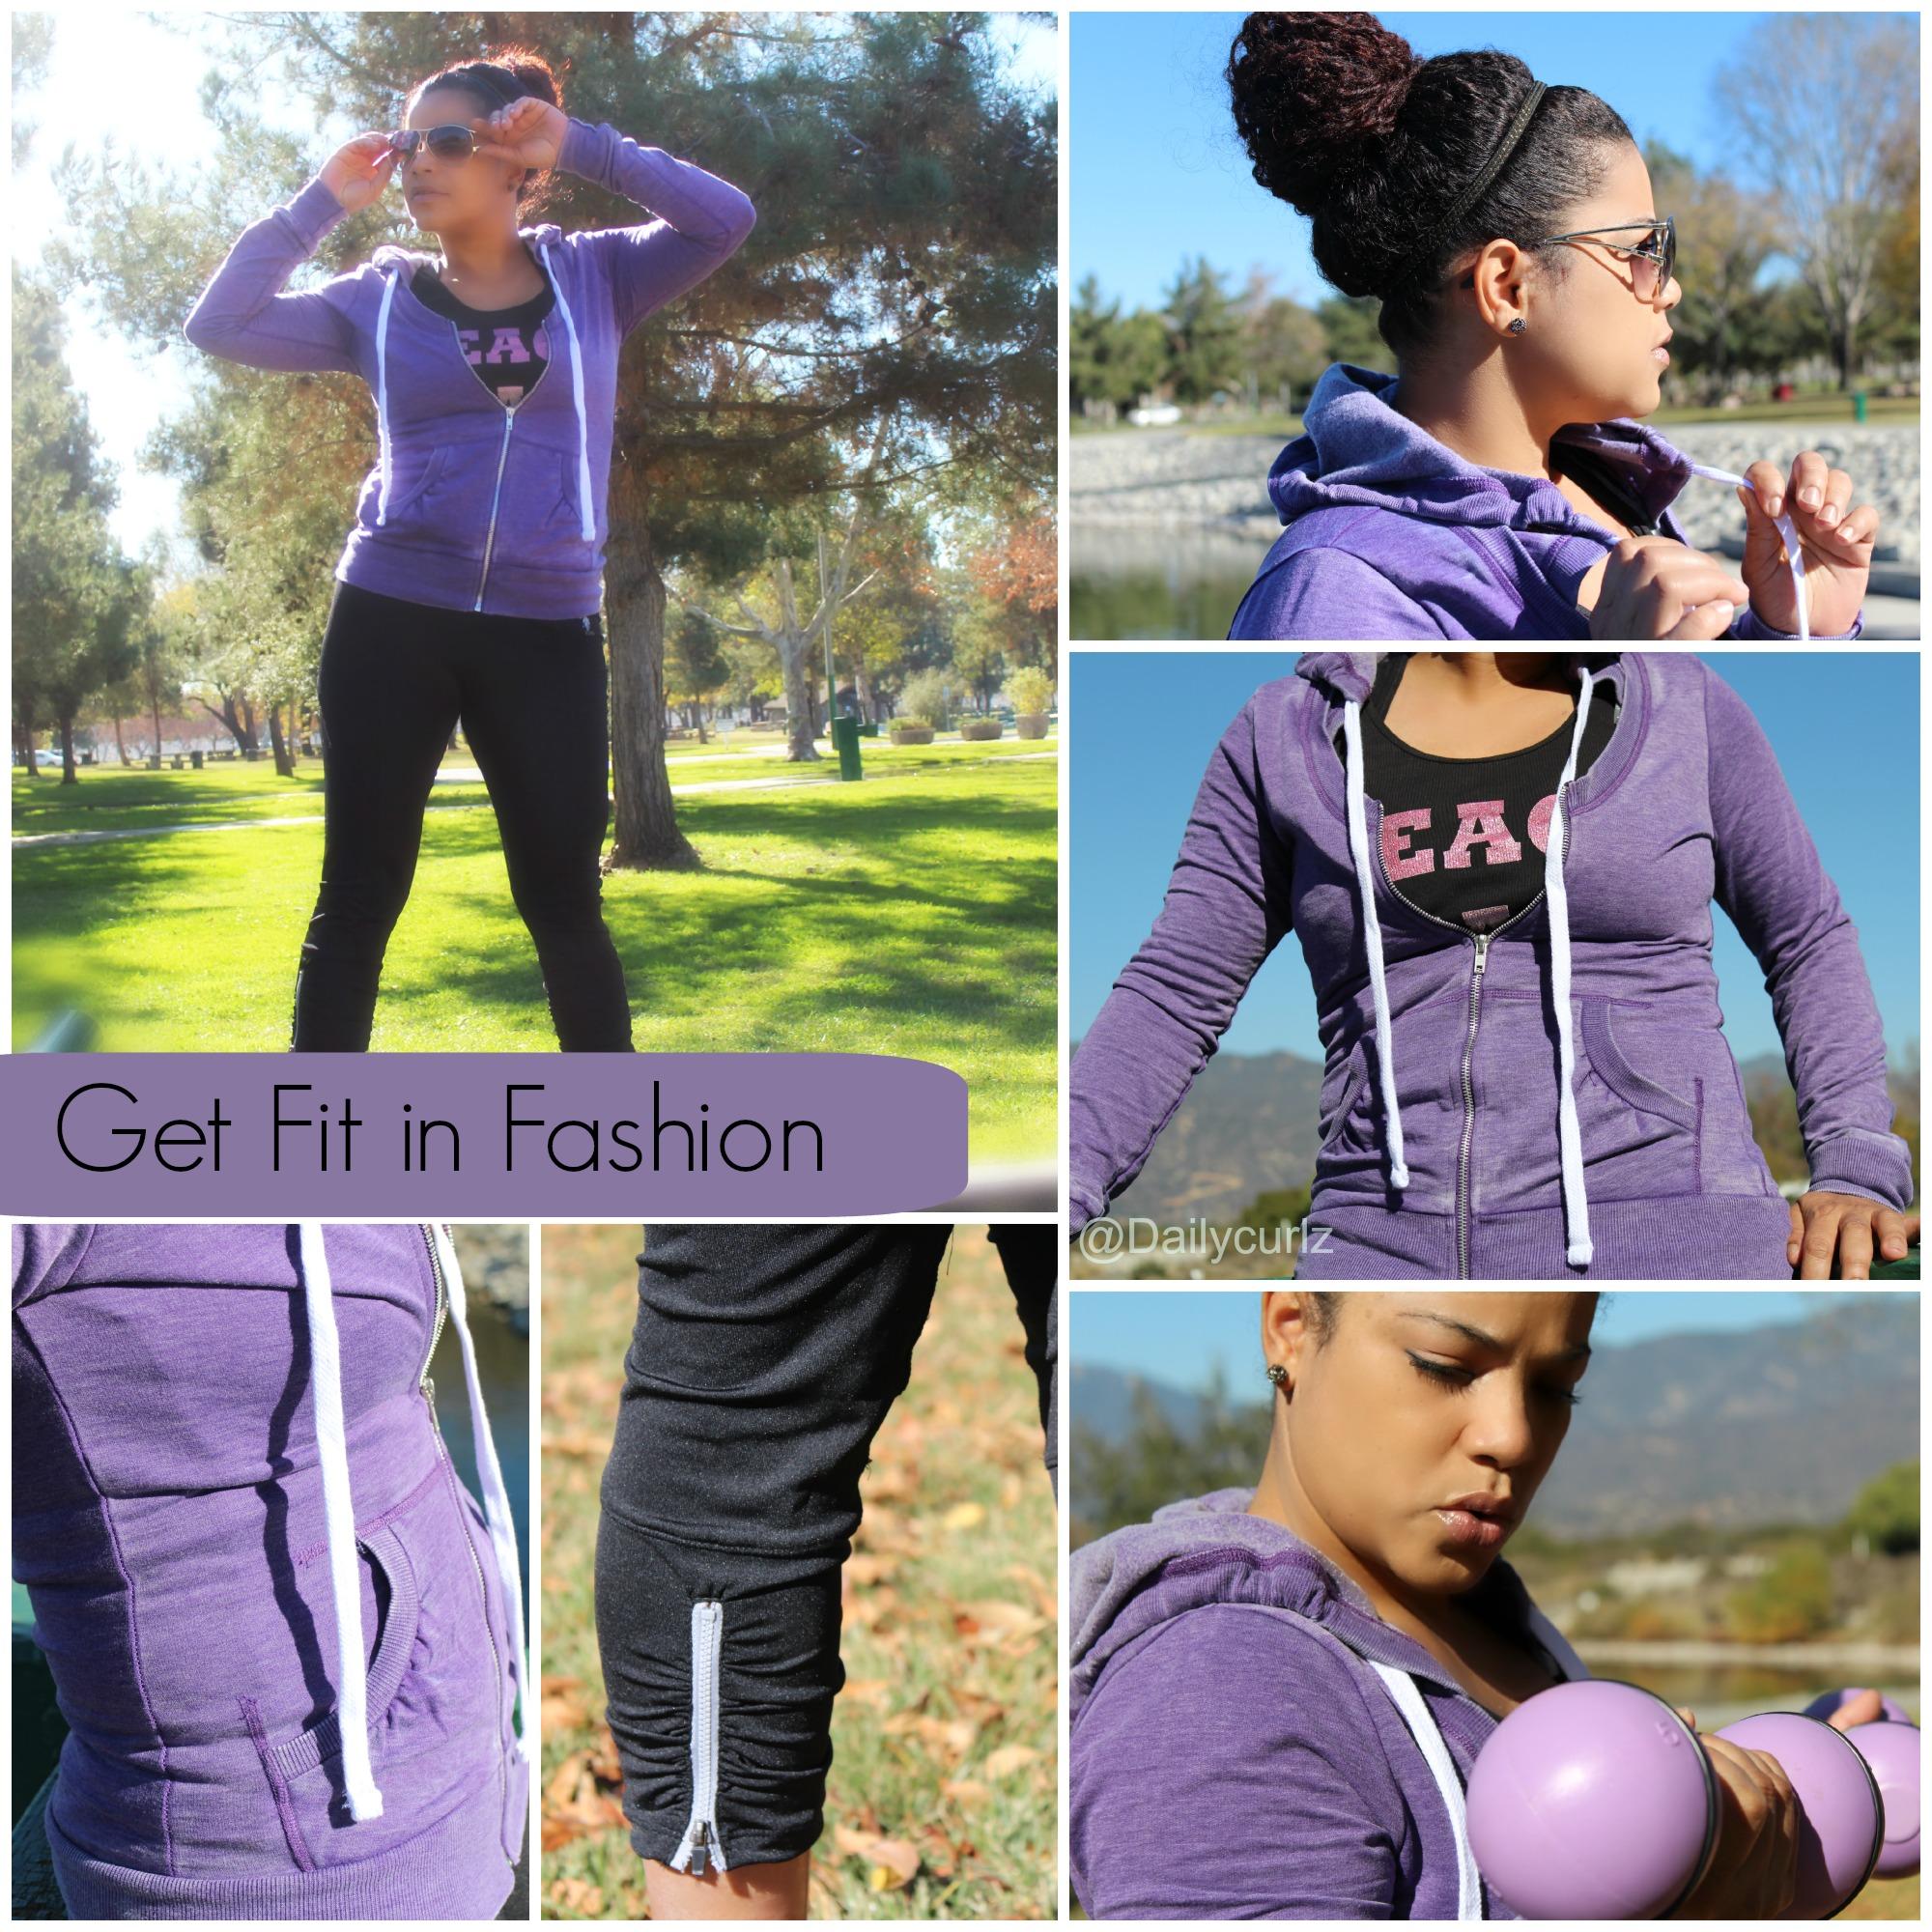 Get Fit, Get the look / En forma, A la moda